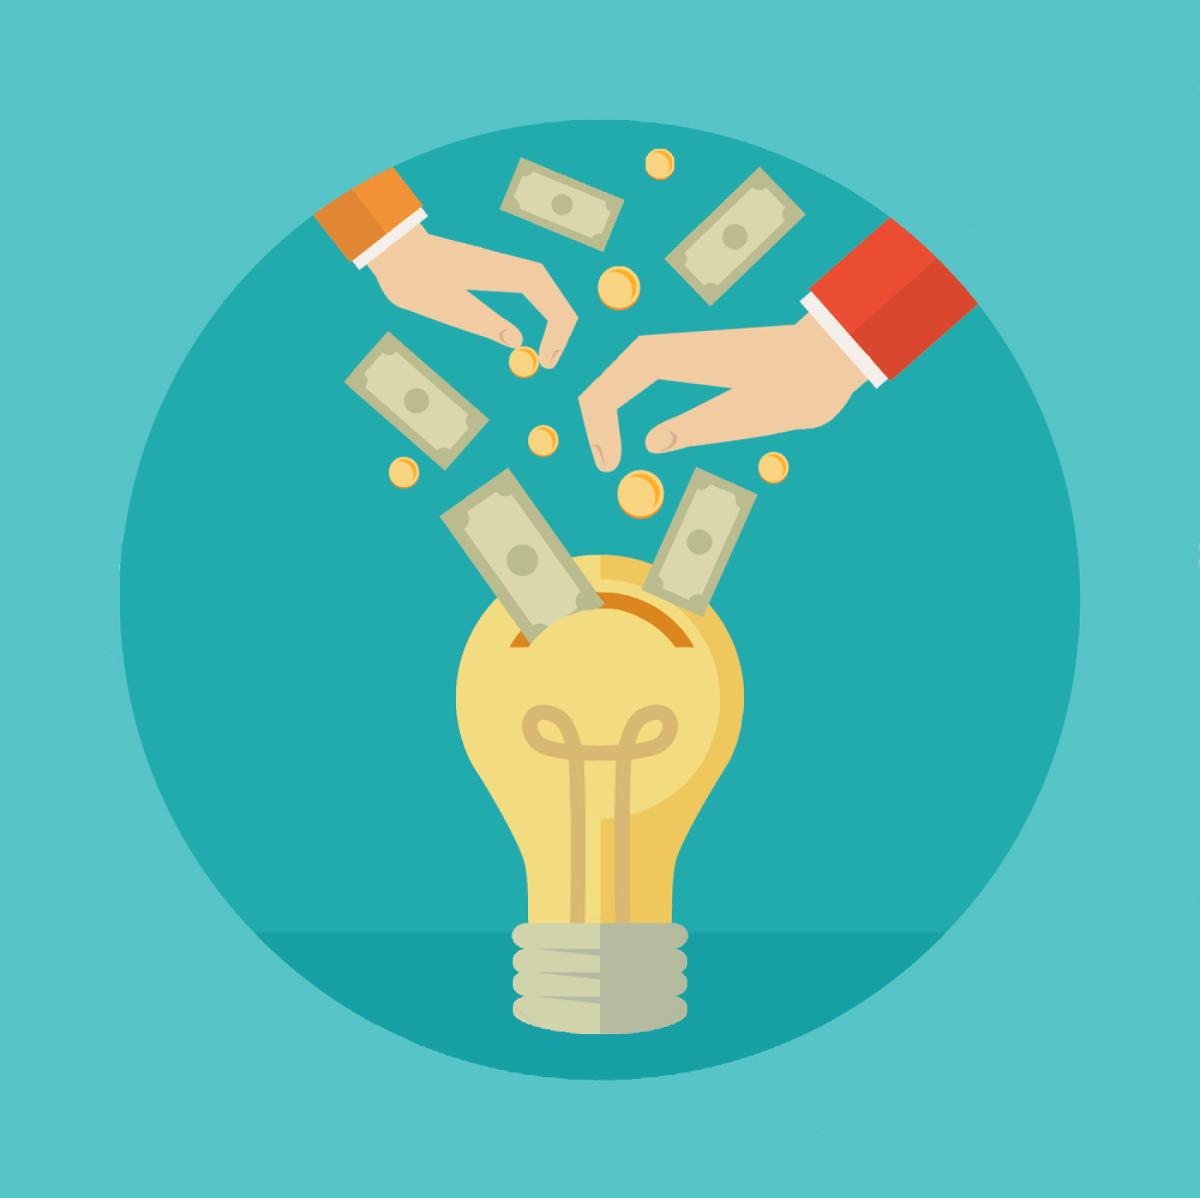 crowdfunding: comment ça marche?